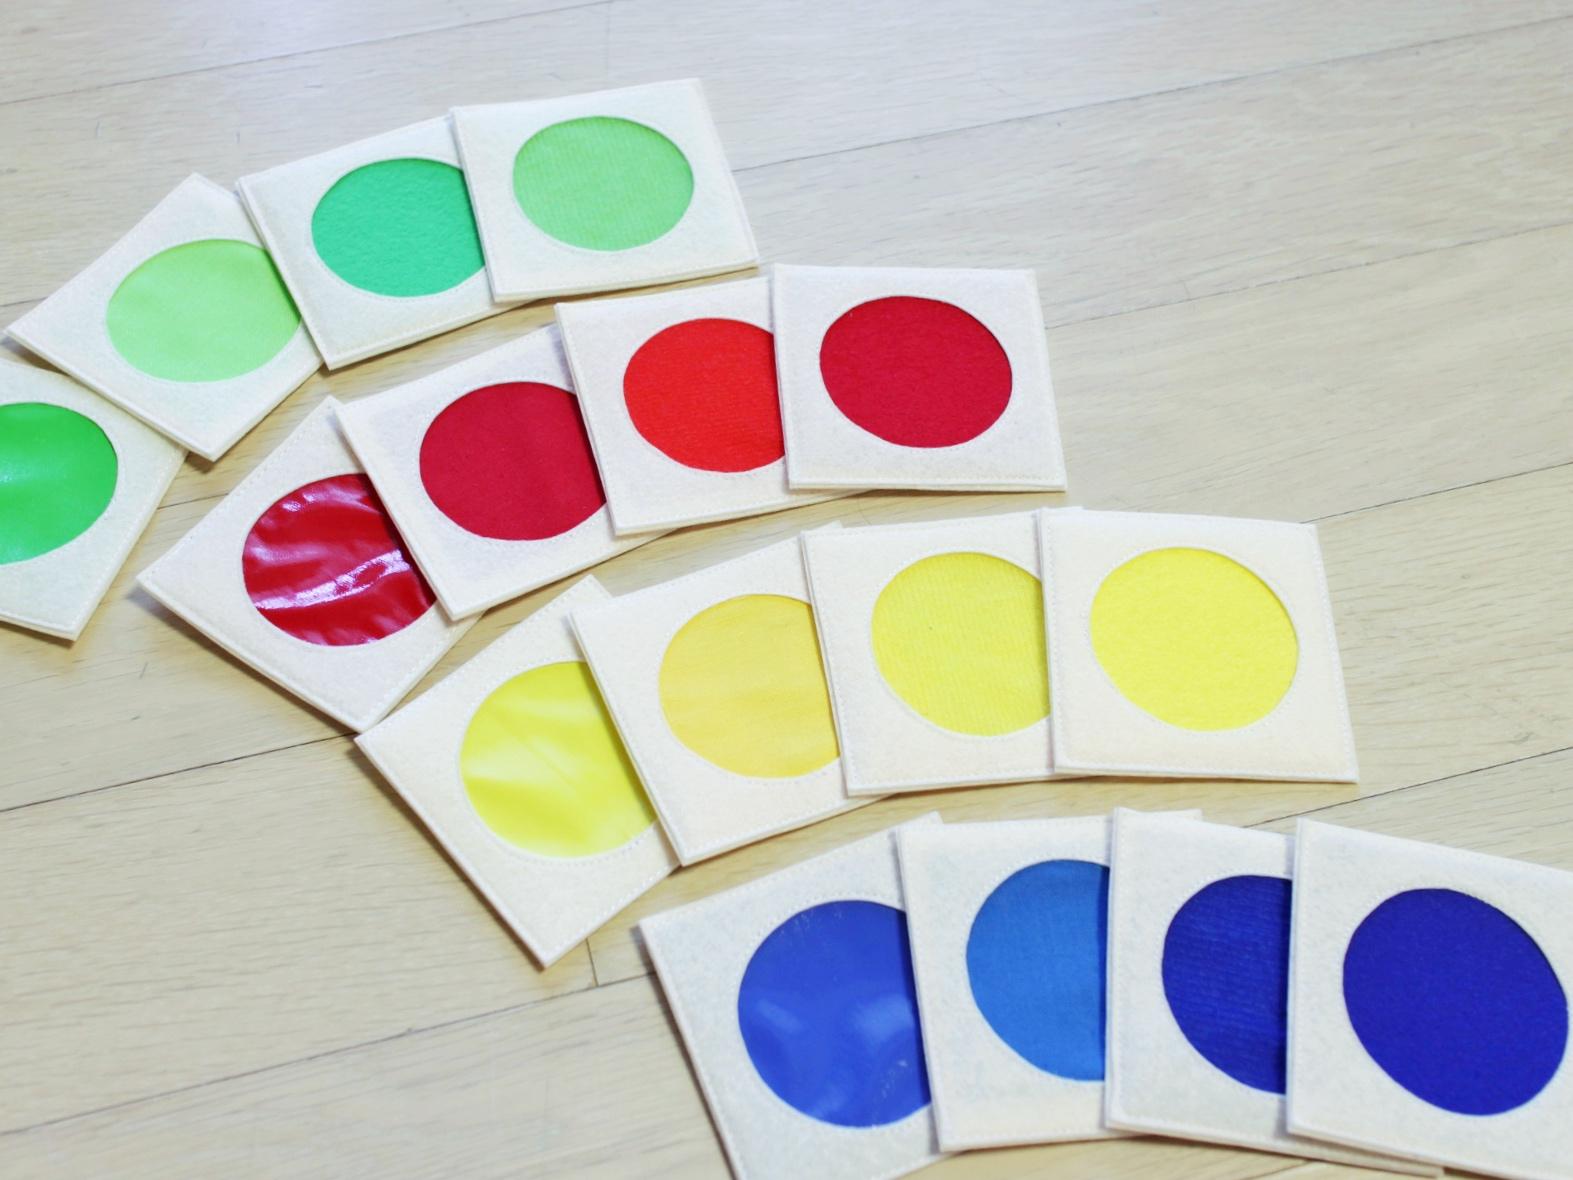 сенсорные карточки мемори из фетра мастер-класс как играть